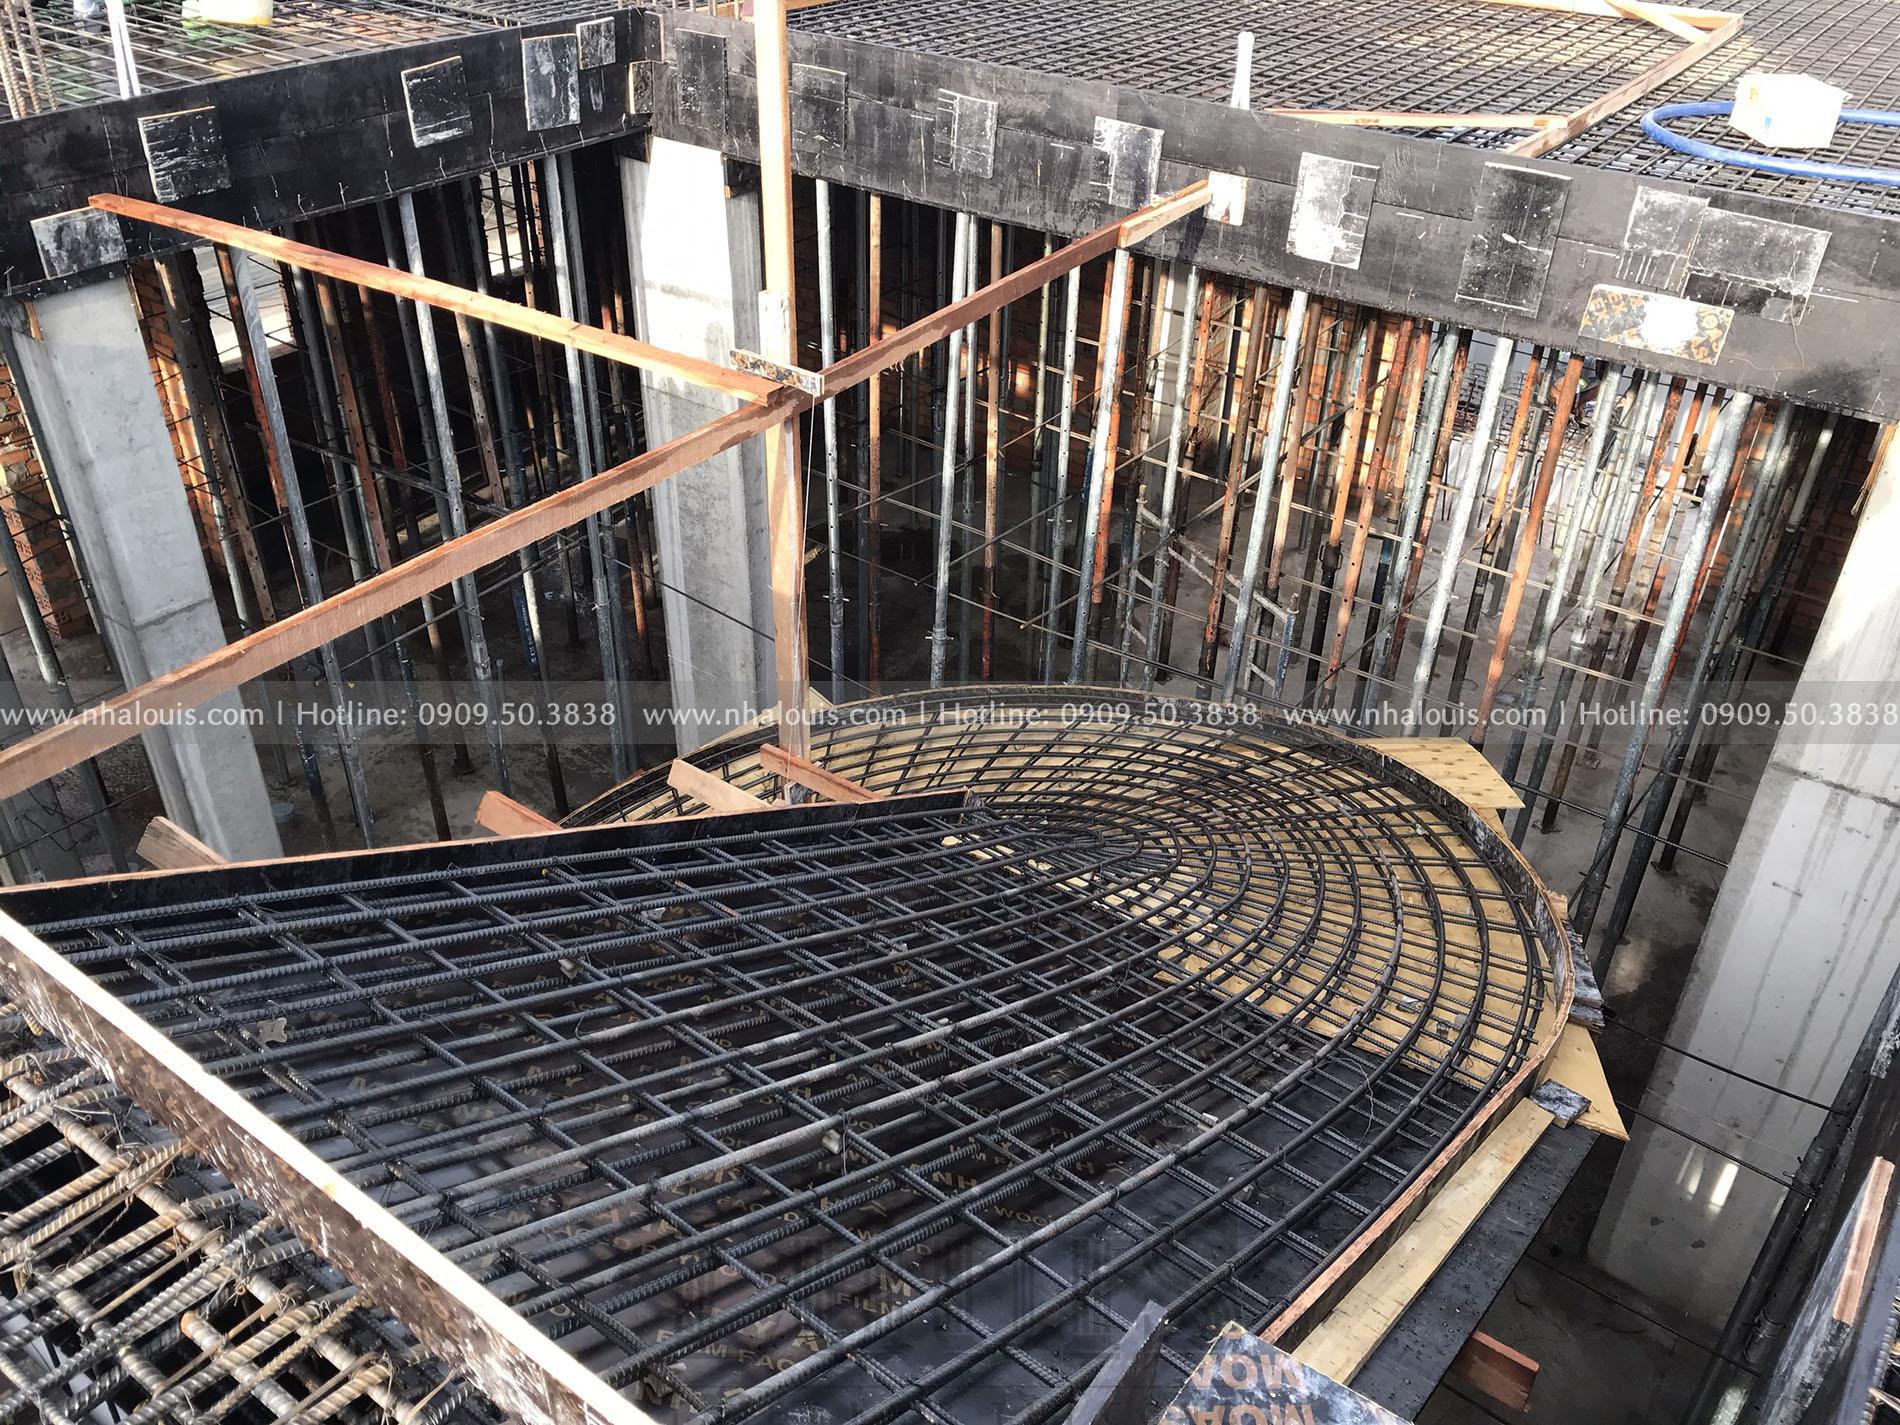 Thi công đổ bê tông sàn tầng 1 biệt thự Đồng Tháp